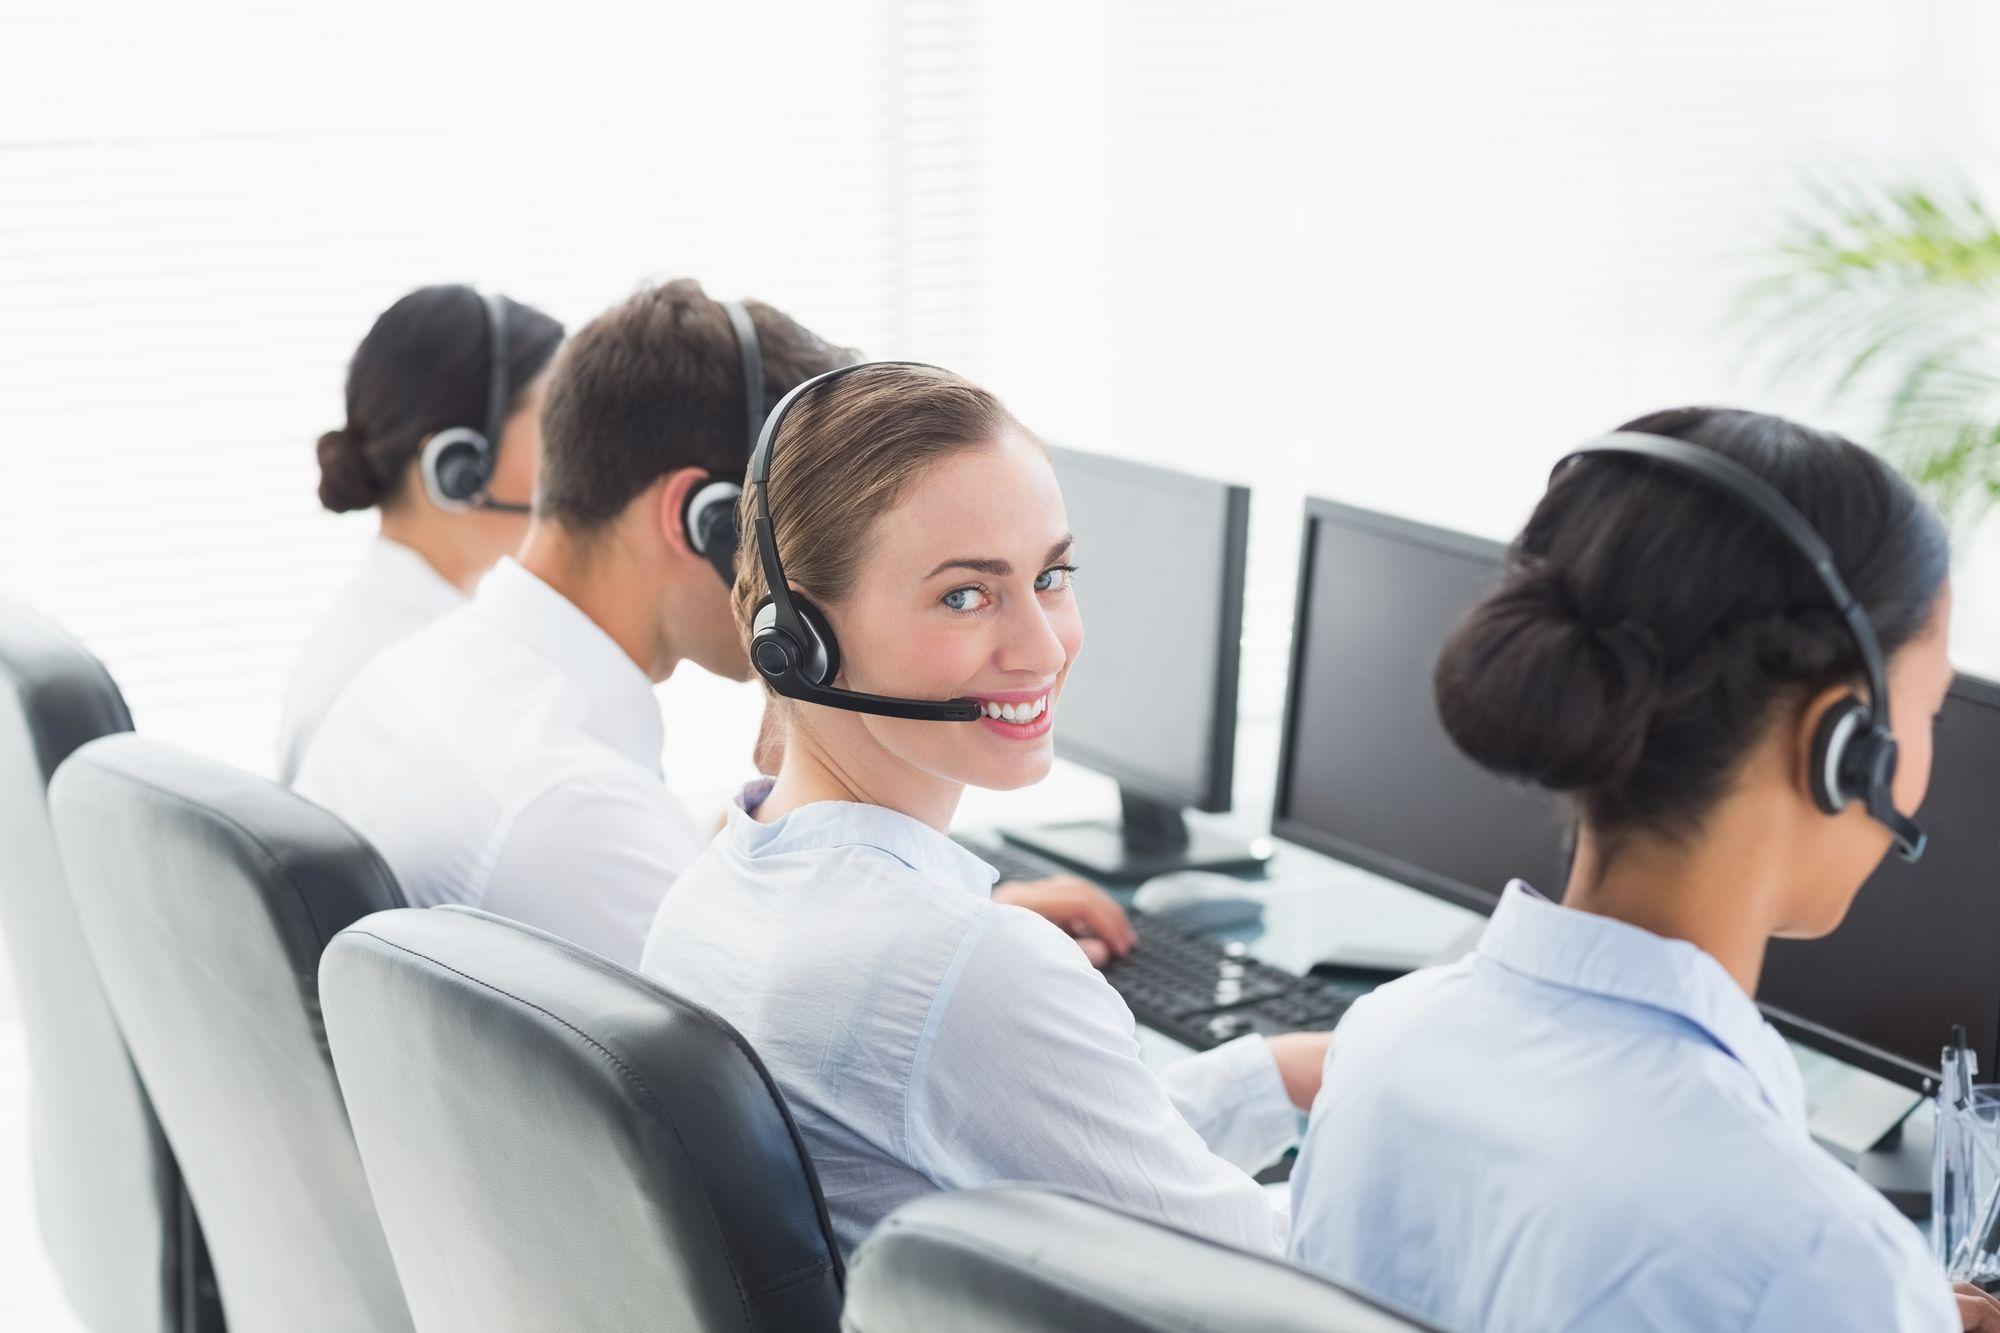 楽天カード問い合わせ電話番号、電話代、コールセンター混雑状況、よくある問い合わせ